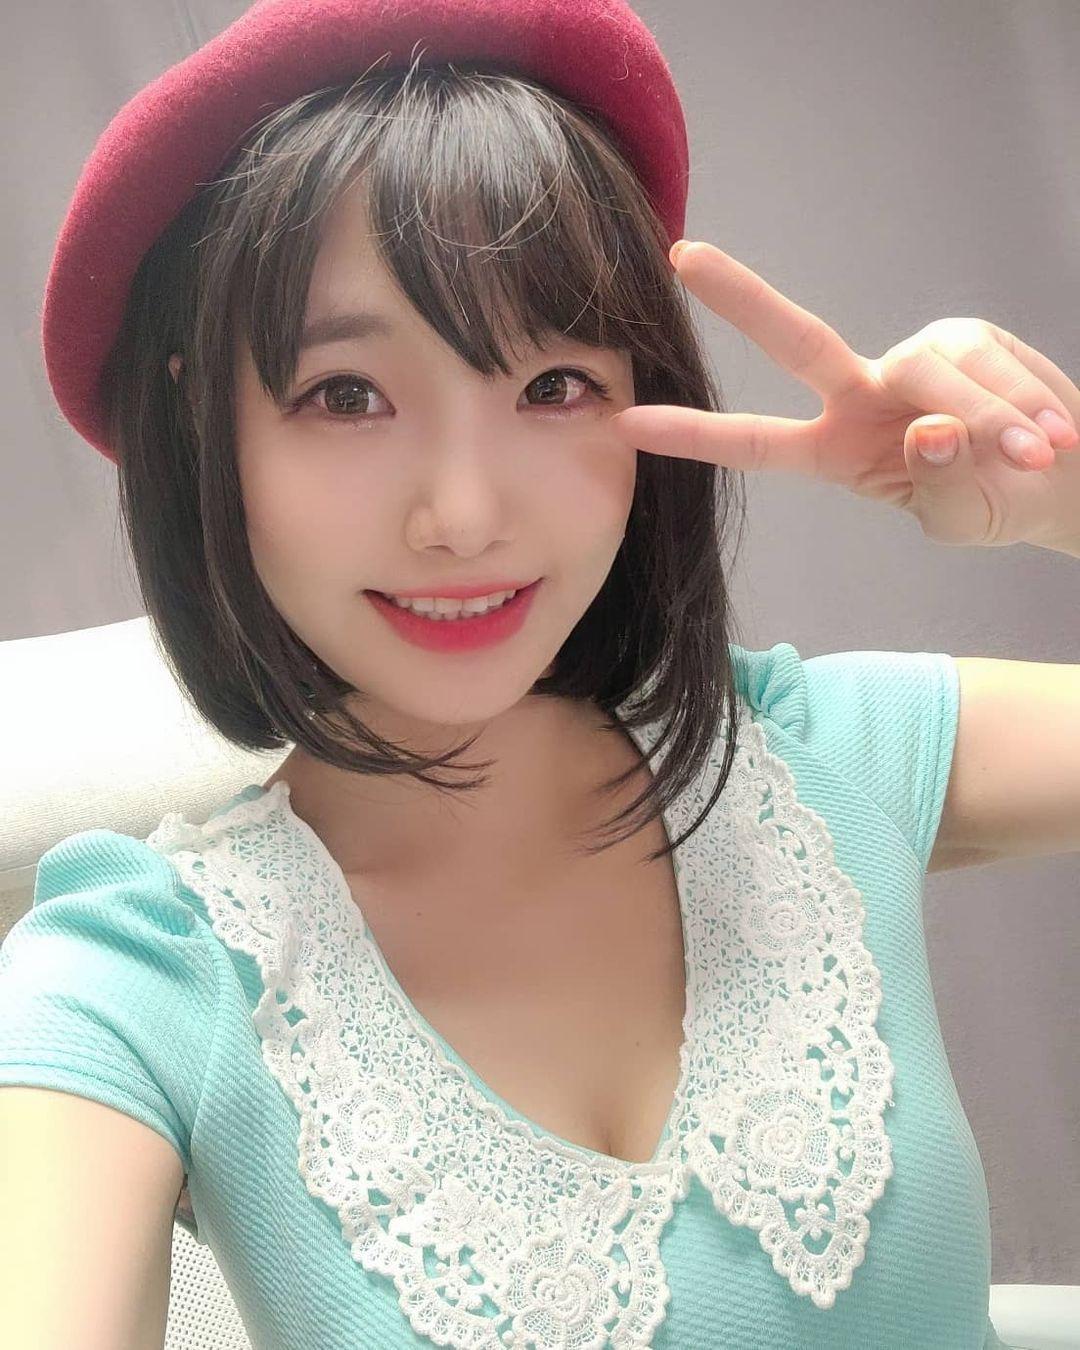 韩国美女主播수련甜笑卖萌让人口水直流 节操写真馆 热图4